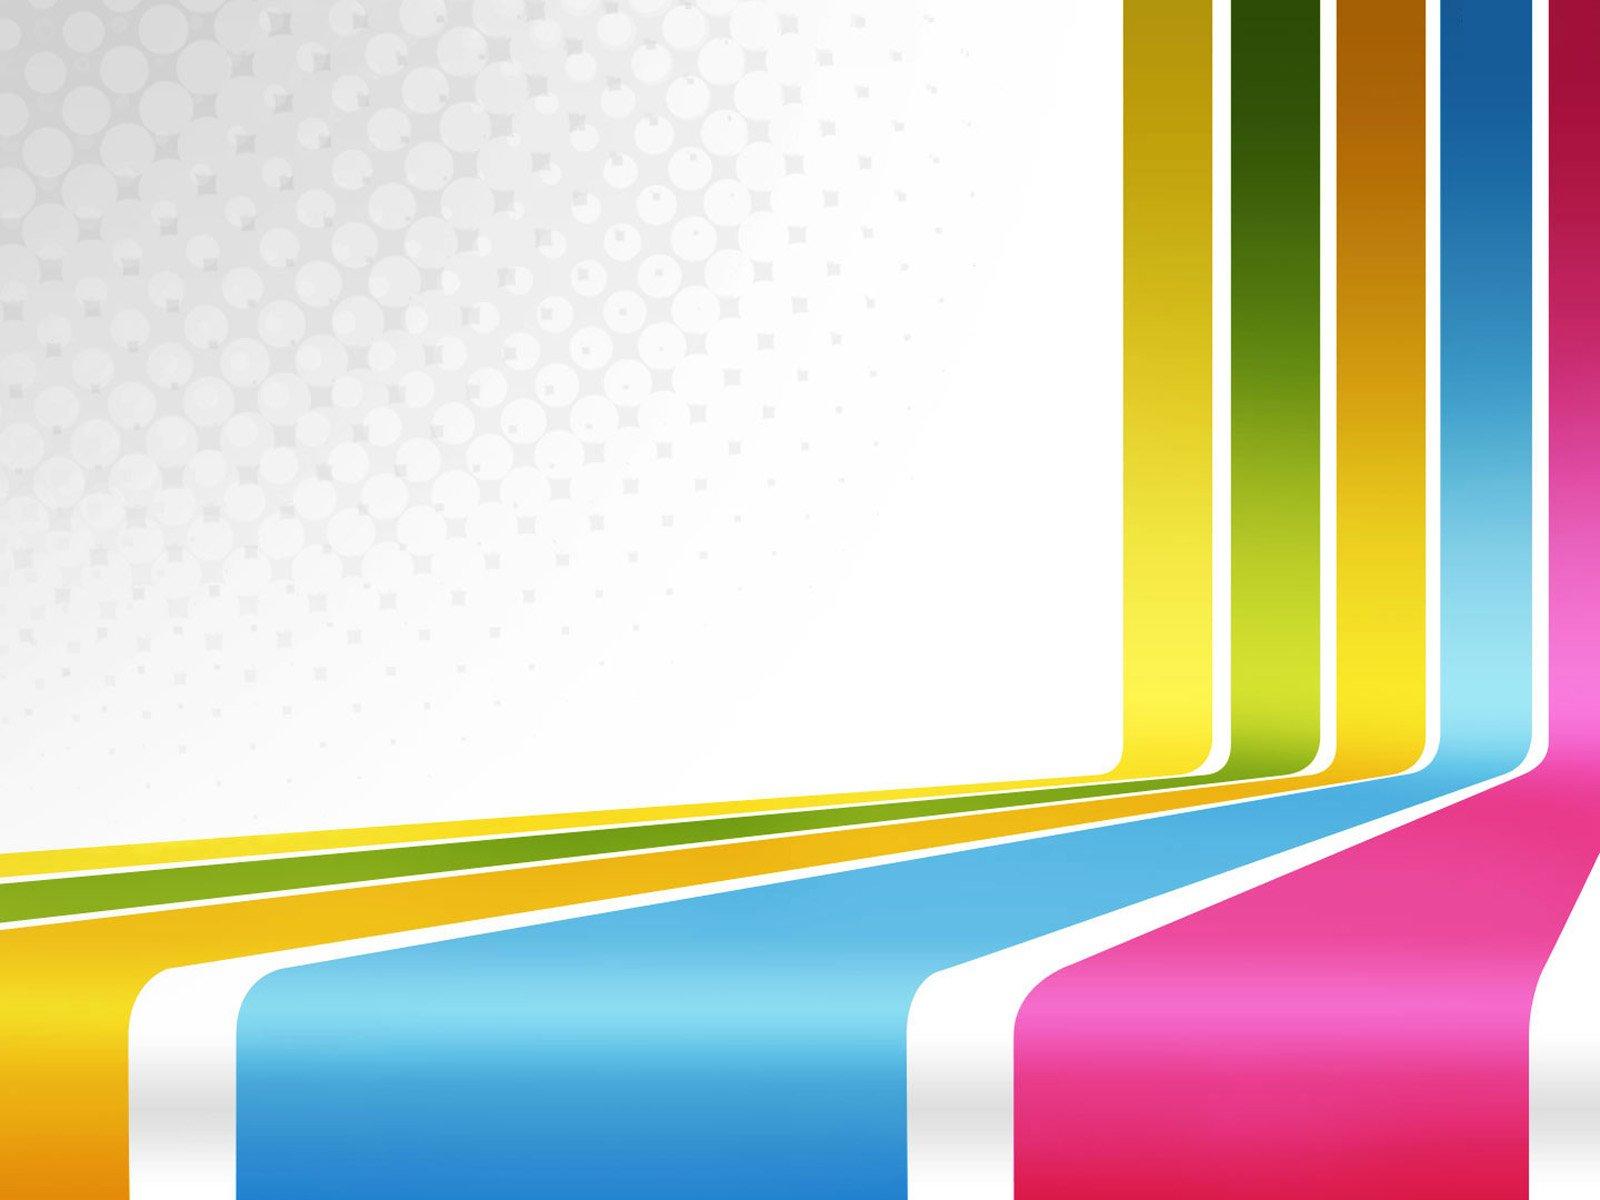 Graphic Wallpaper For Home WallpaperSafari